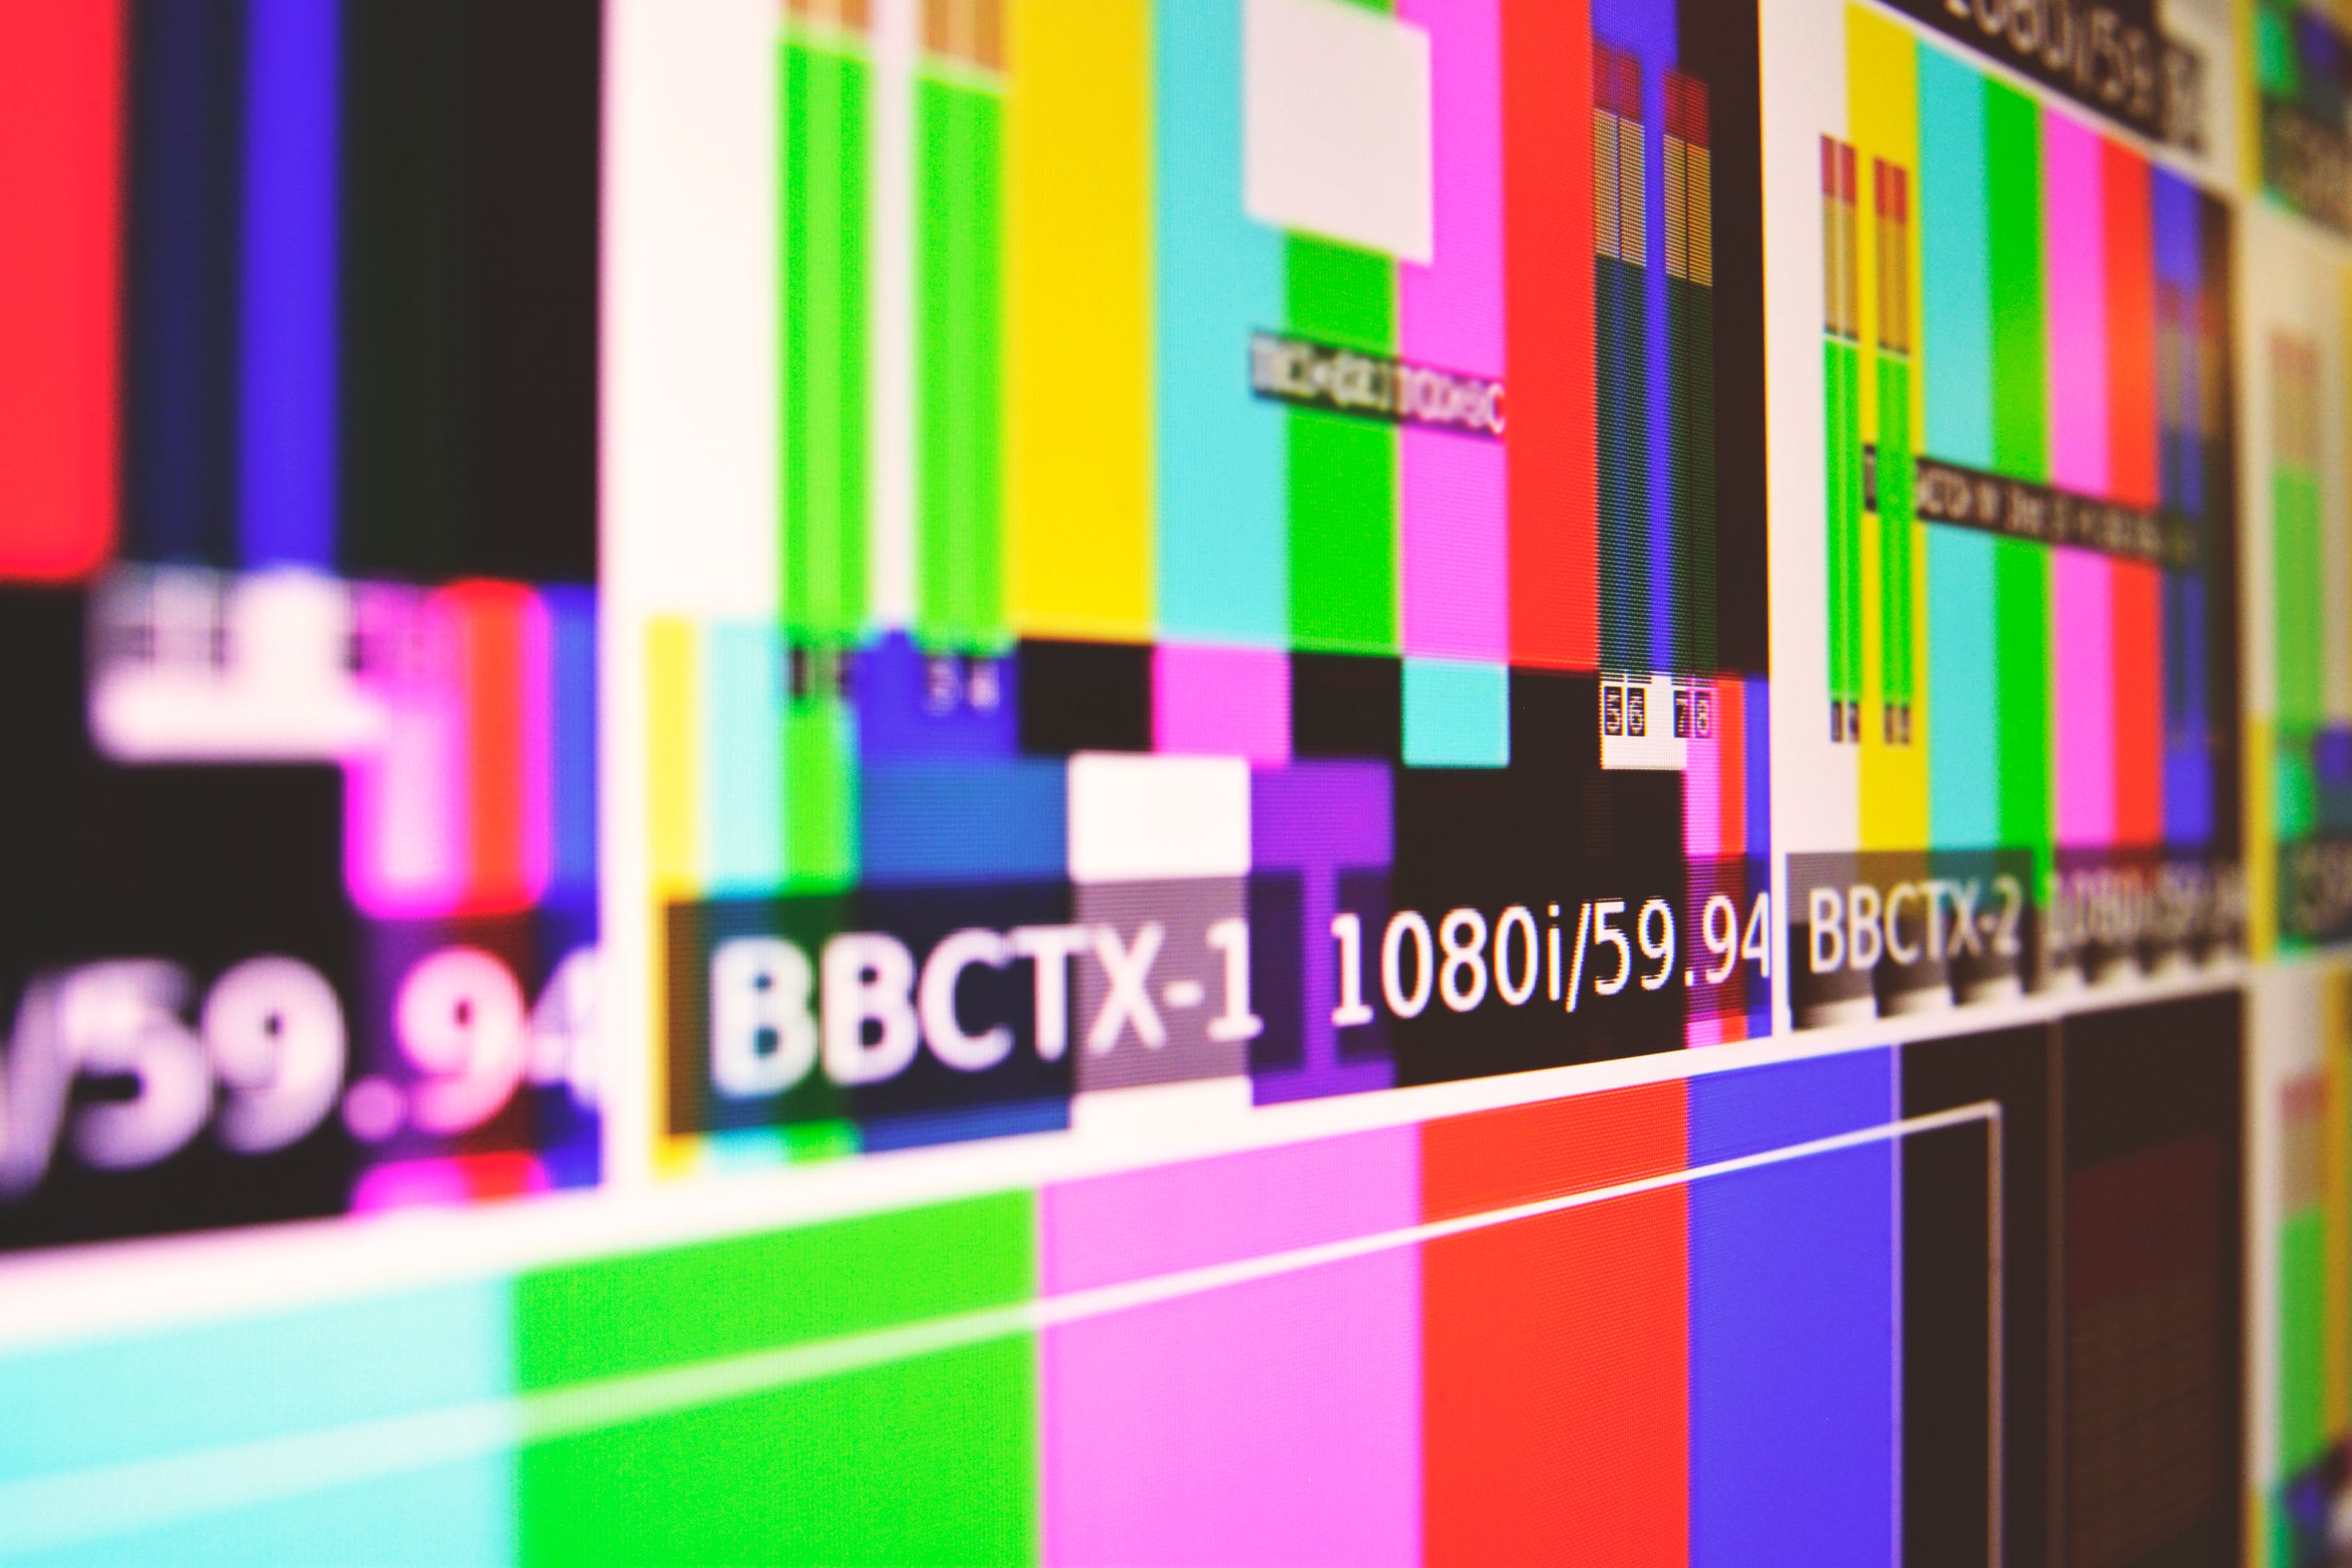 La Martinique et la Guadeloupe, bientôt bannies des pubs télévisées ?